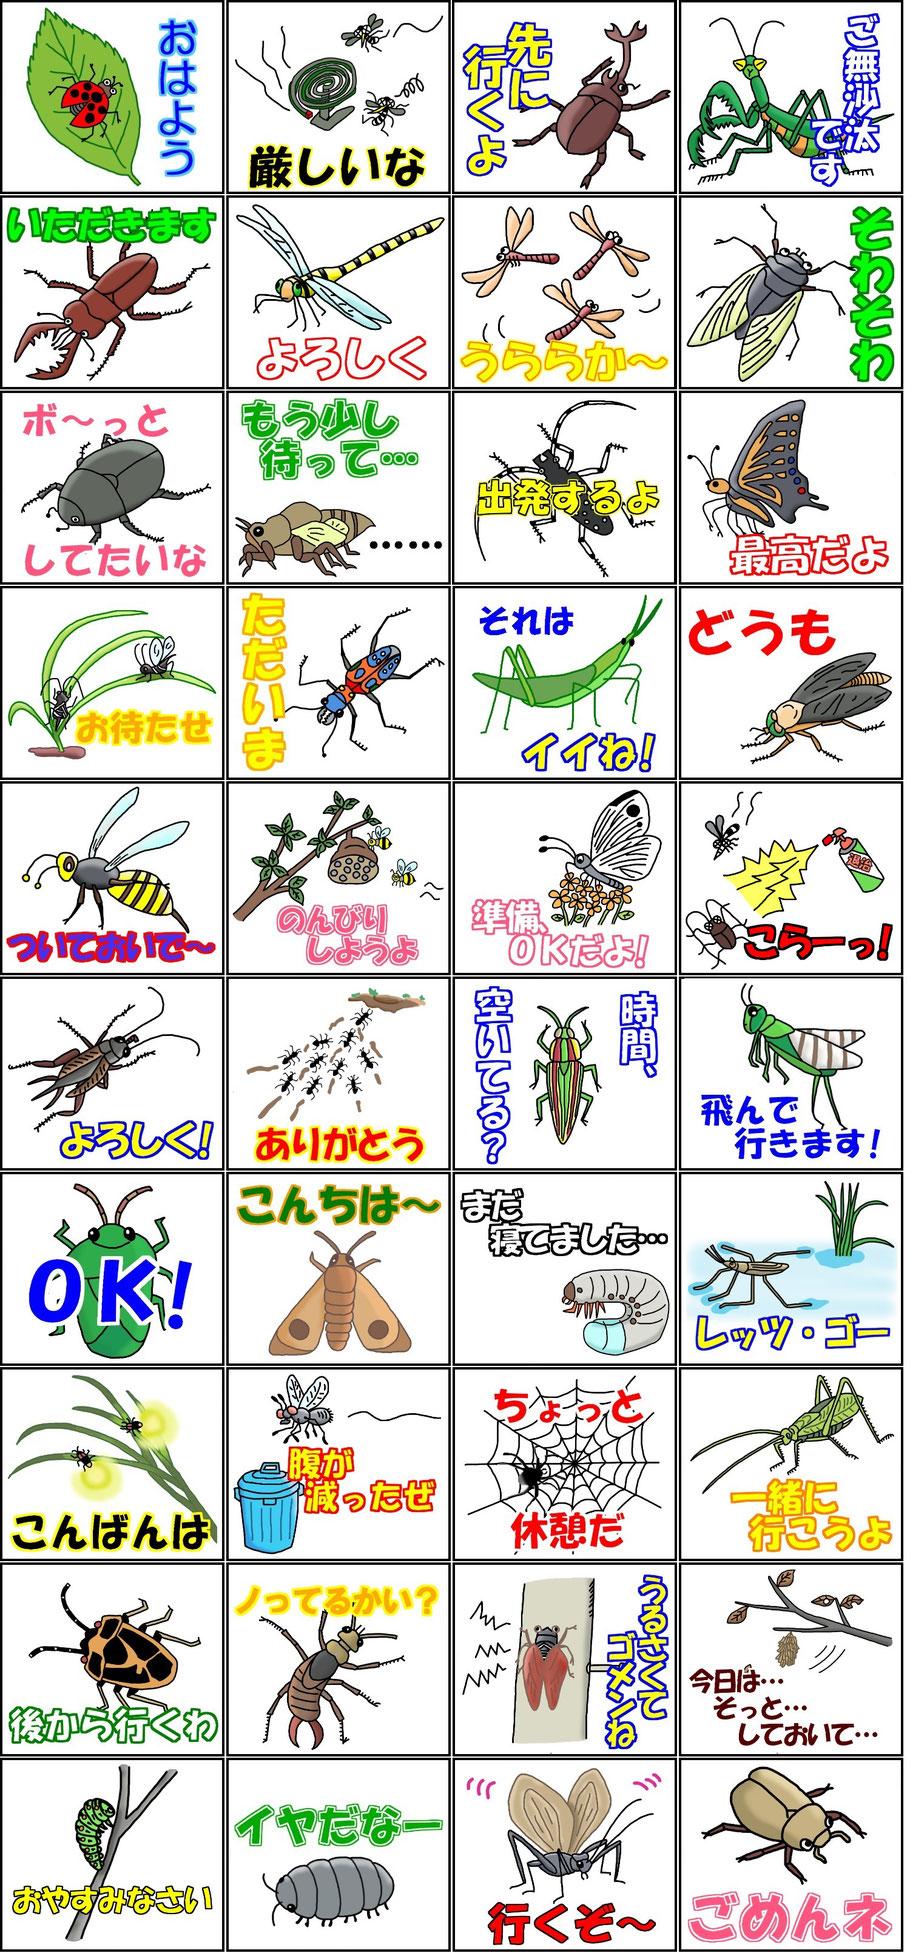 昆虫、虫、むし、ムシ、昆虫名人、虫スタンプ、昆虫スタンプ、むしスタンプ、ムシスタンプ、LINE、スタンプ、一覧画像